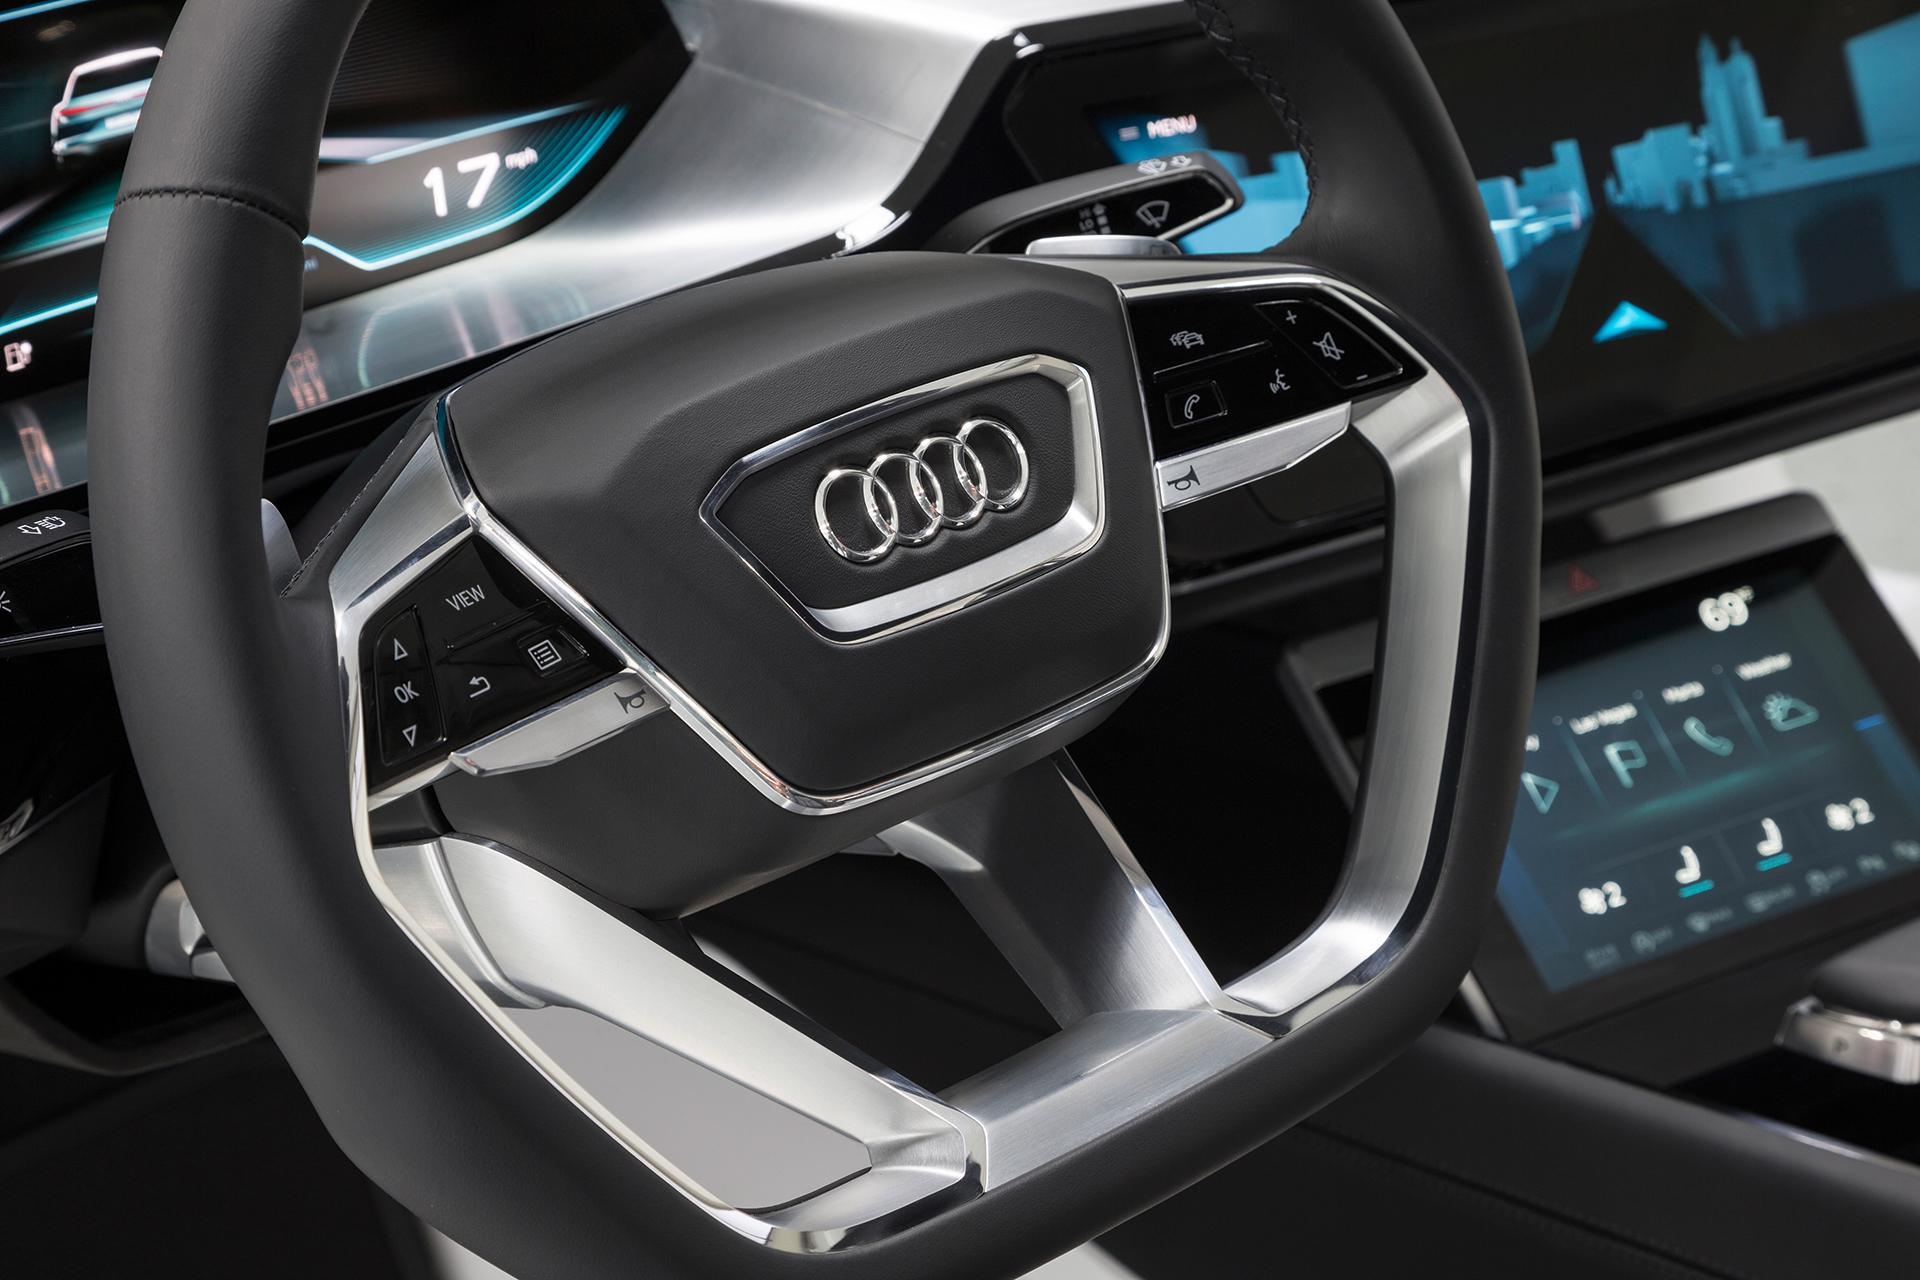 Audi e-tron quattro concept - CES 2016 - drive wheel / volant